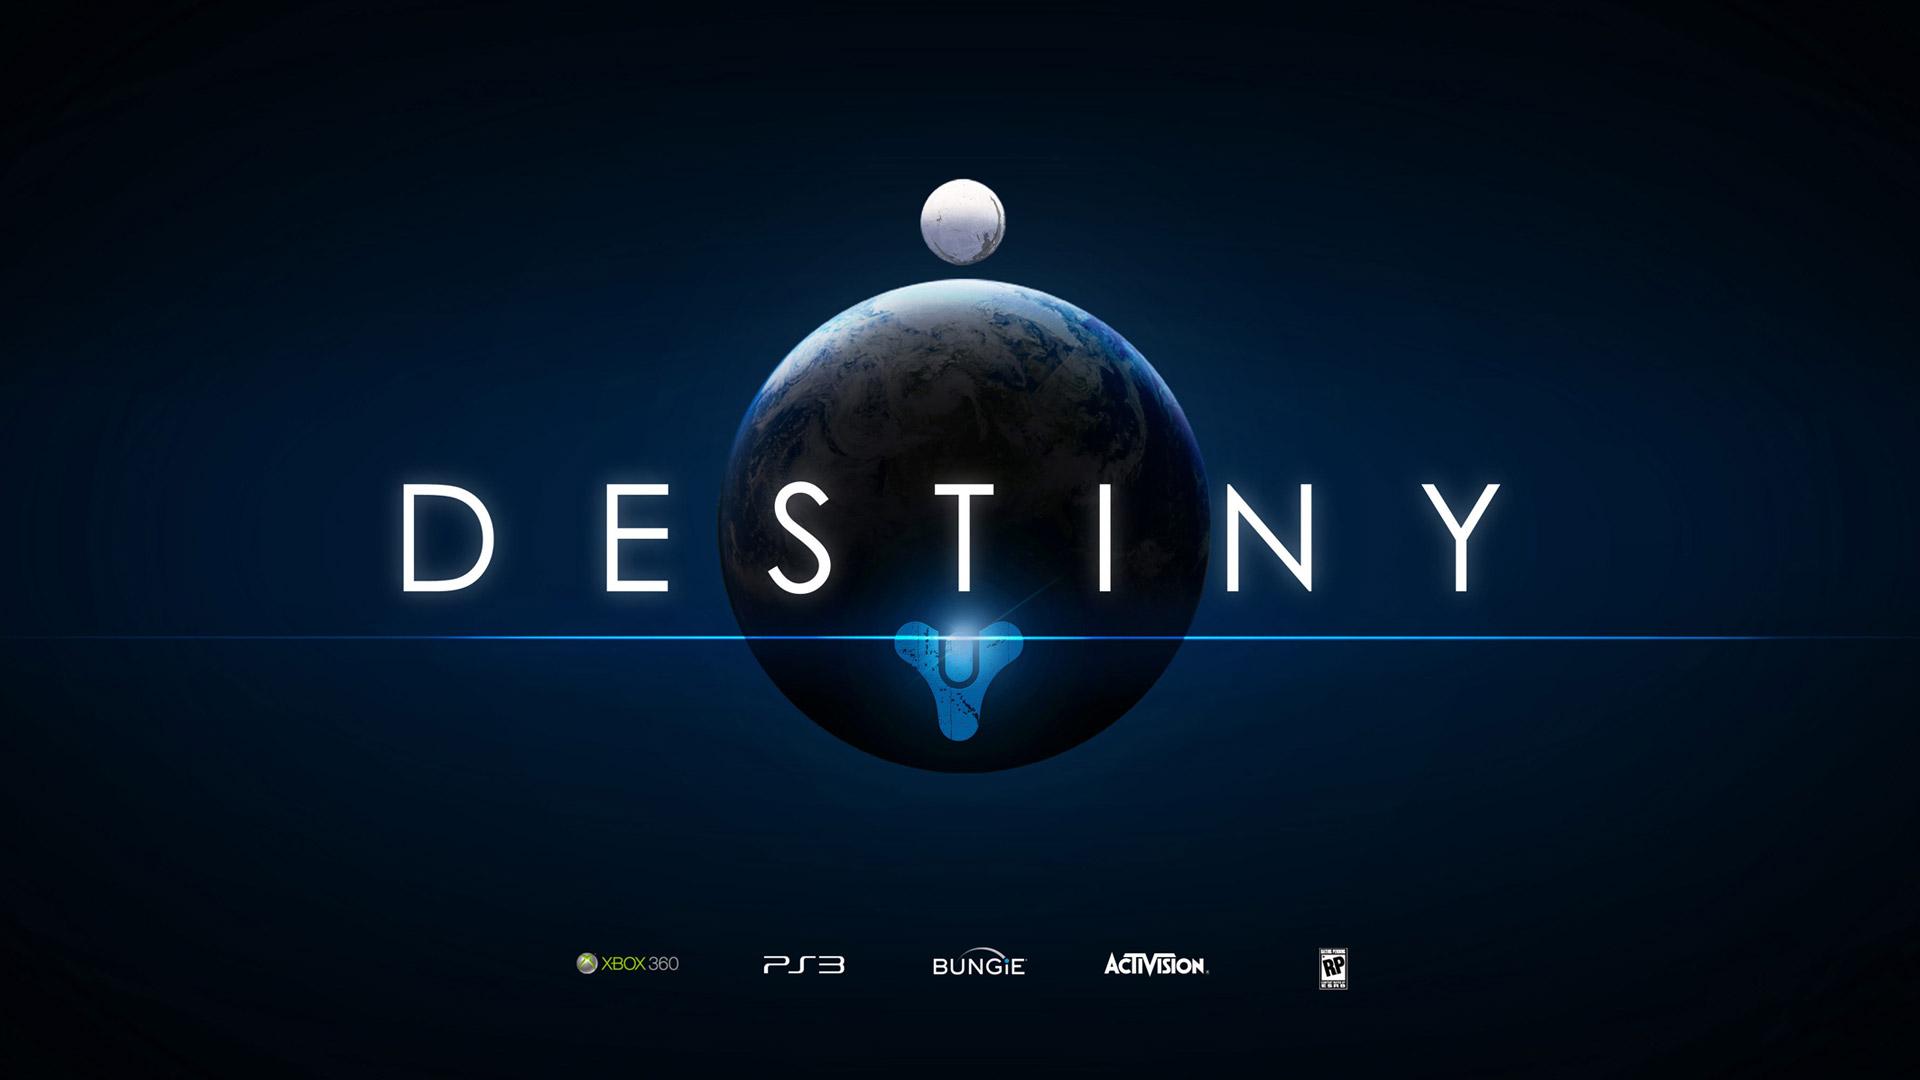 Destiny 2 1080p Wallpaper: Destiny Wallpaper 1920X1080